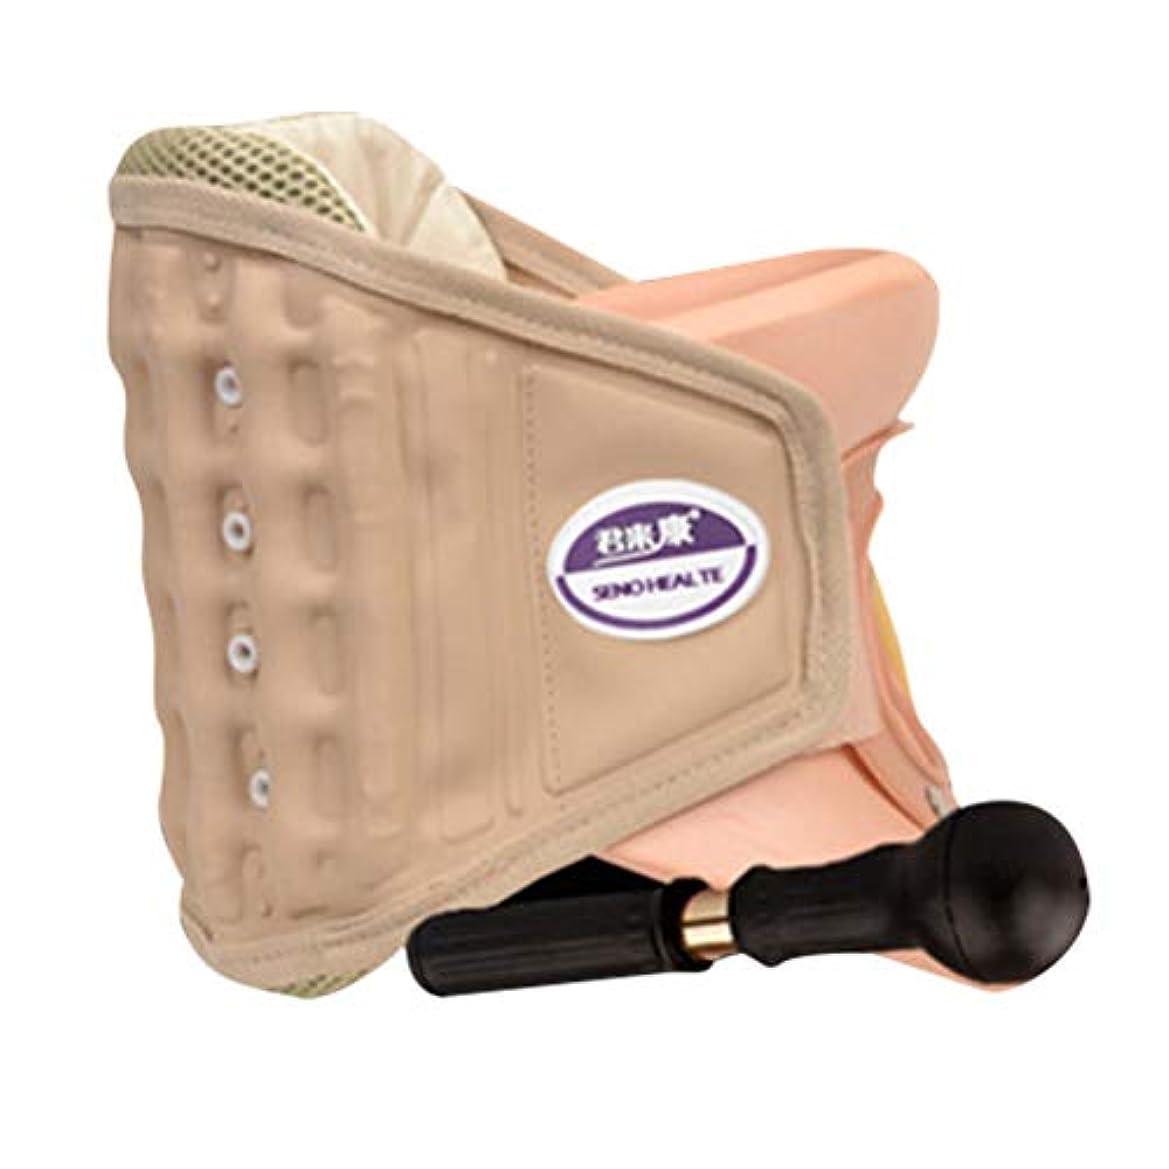 ガラガラ嬉しいです腹SUPVOX 頸部首牽引襟デバイス装具椎骨サポートベルト付きポンプポータブルネックマッサージャー